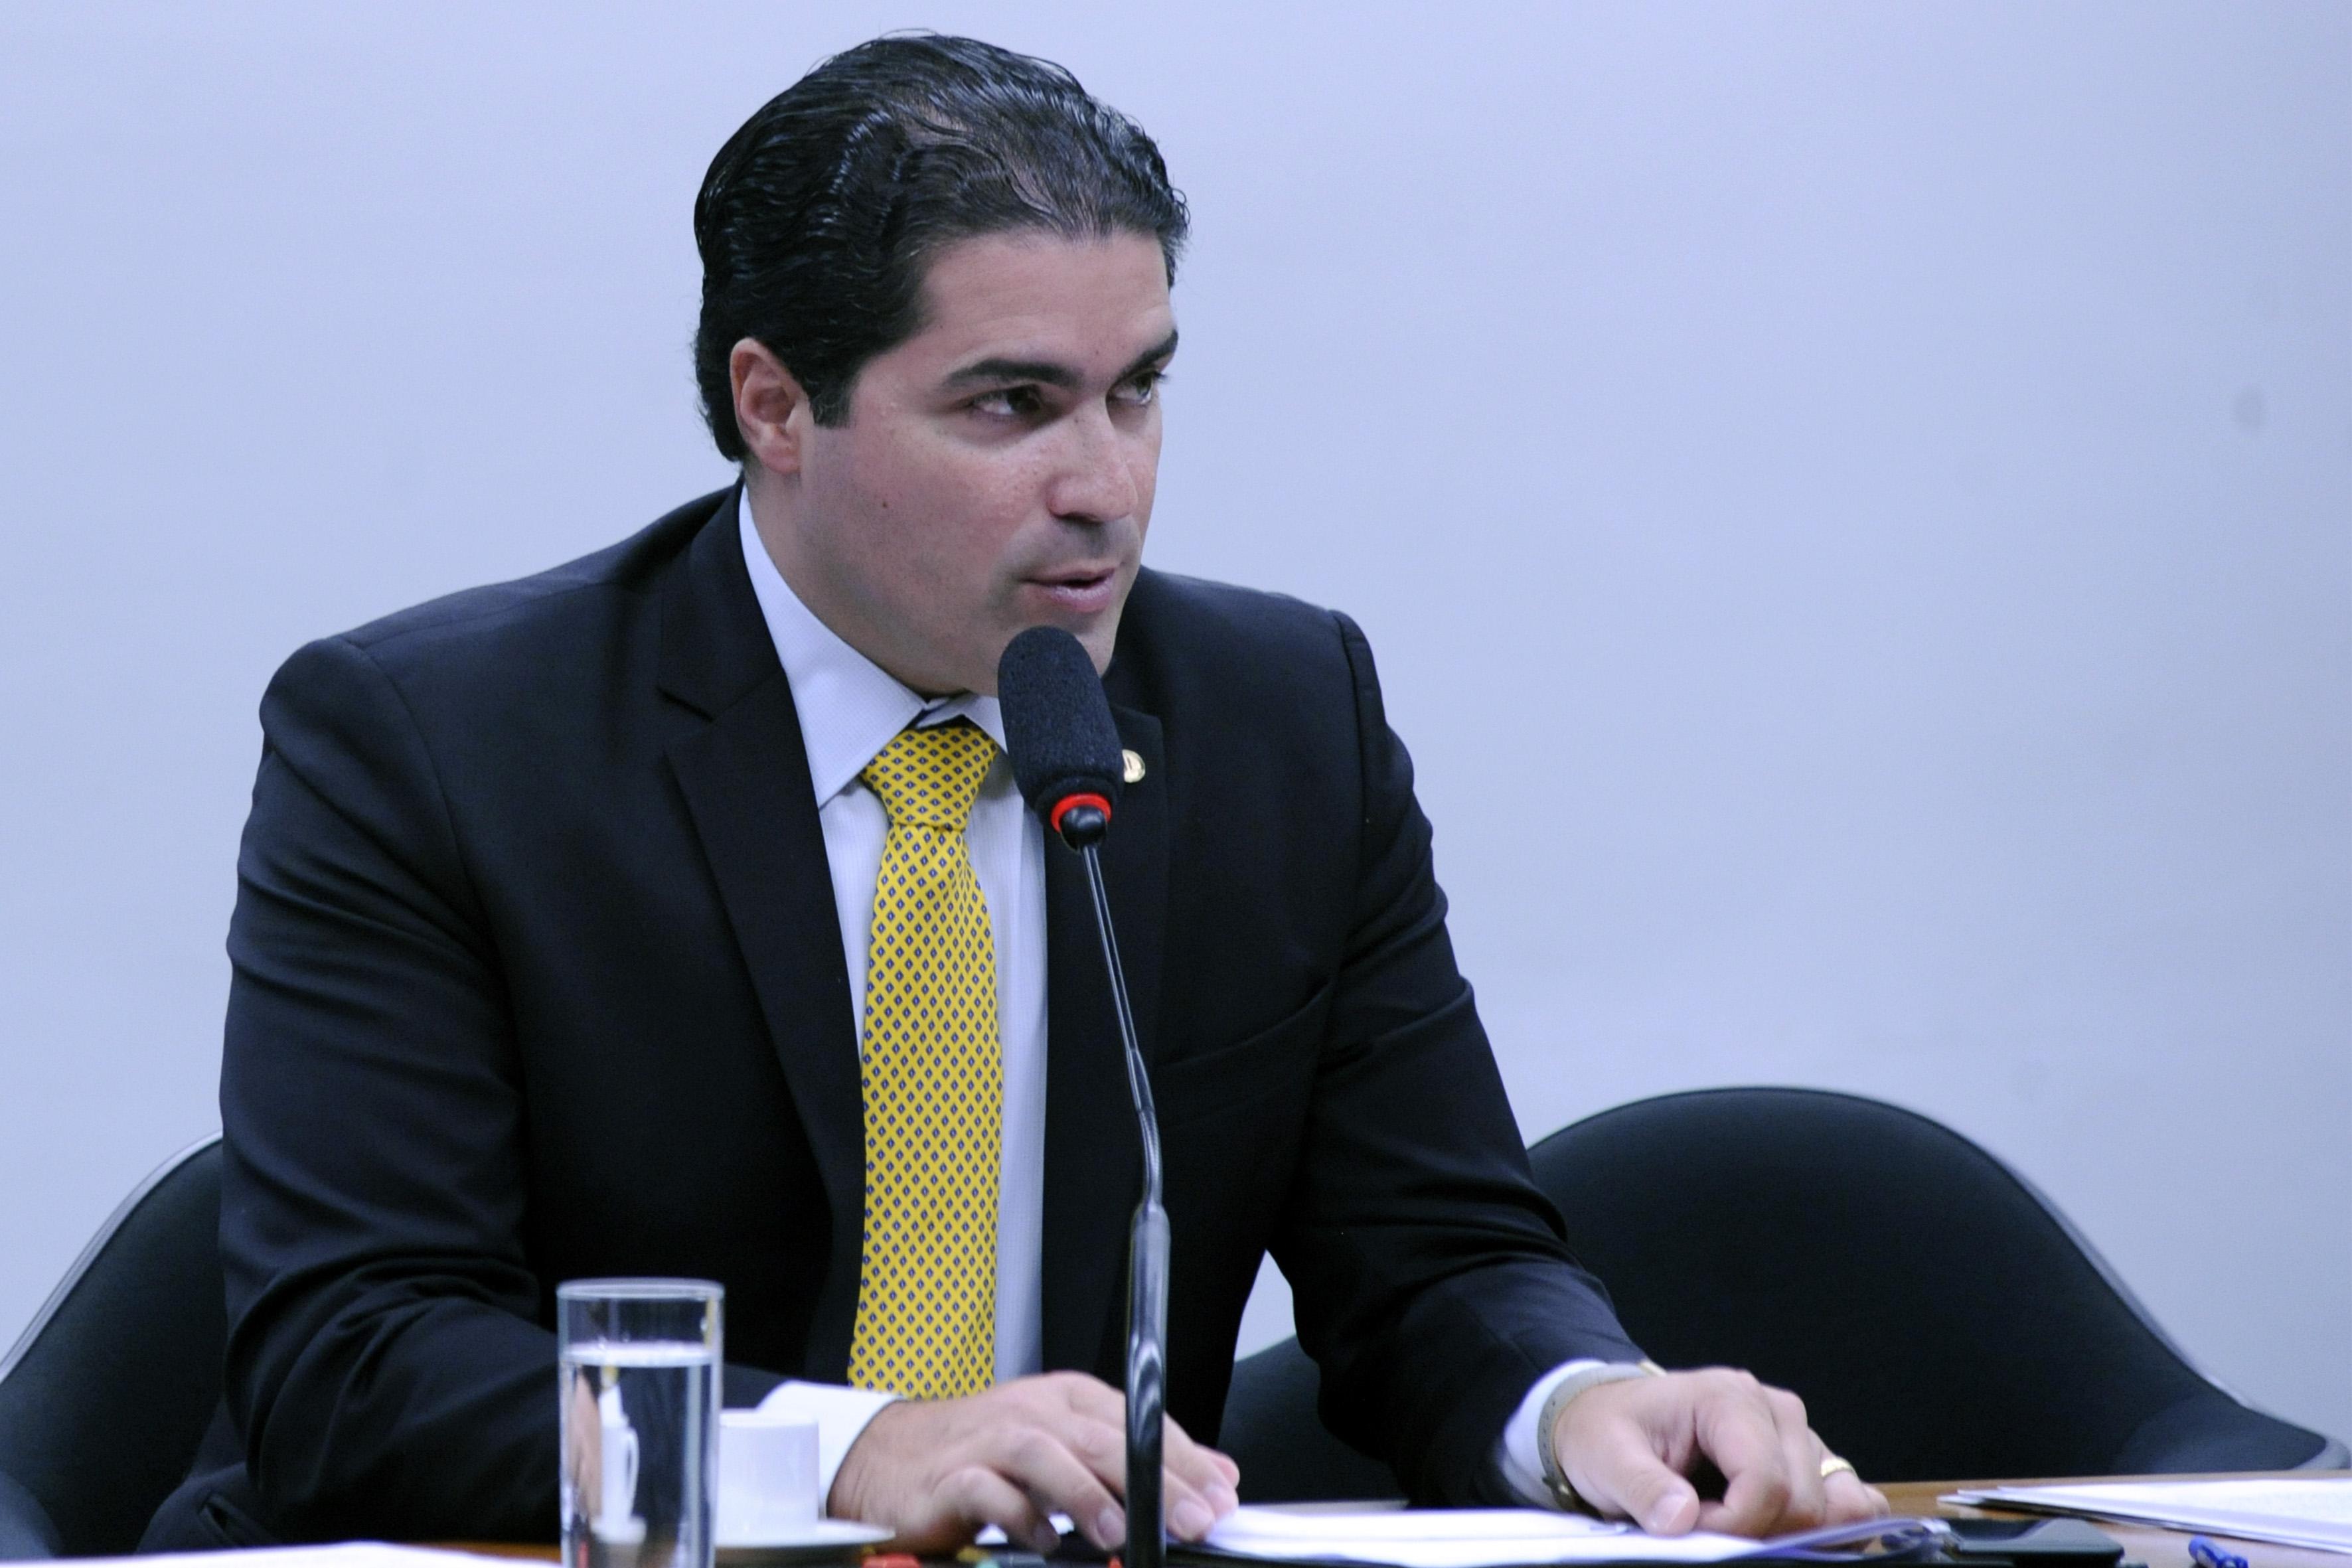 Audiência pública e reunião ordinária (deliberação de requerimentos). Dep. Newton Cardoso Jr (MDB - MG)